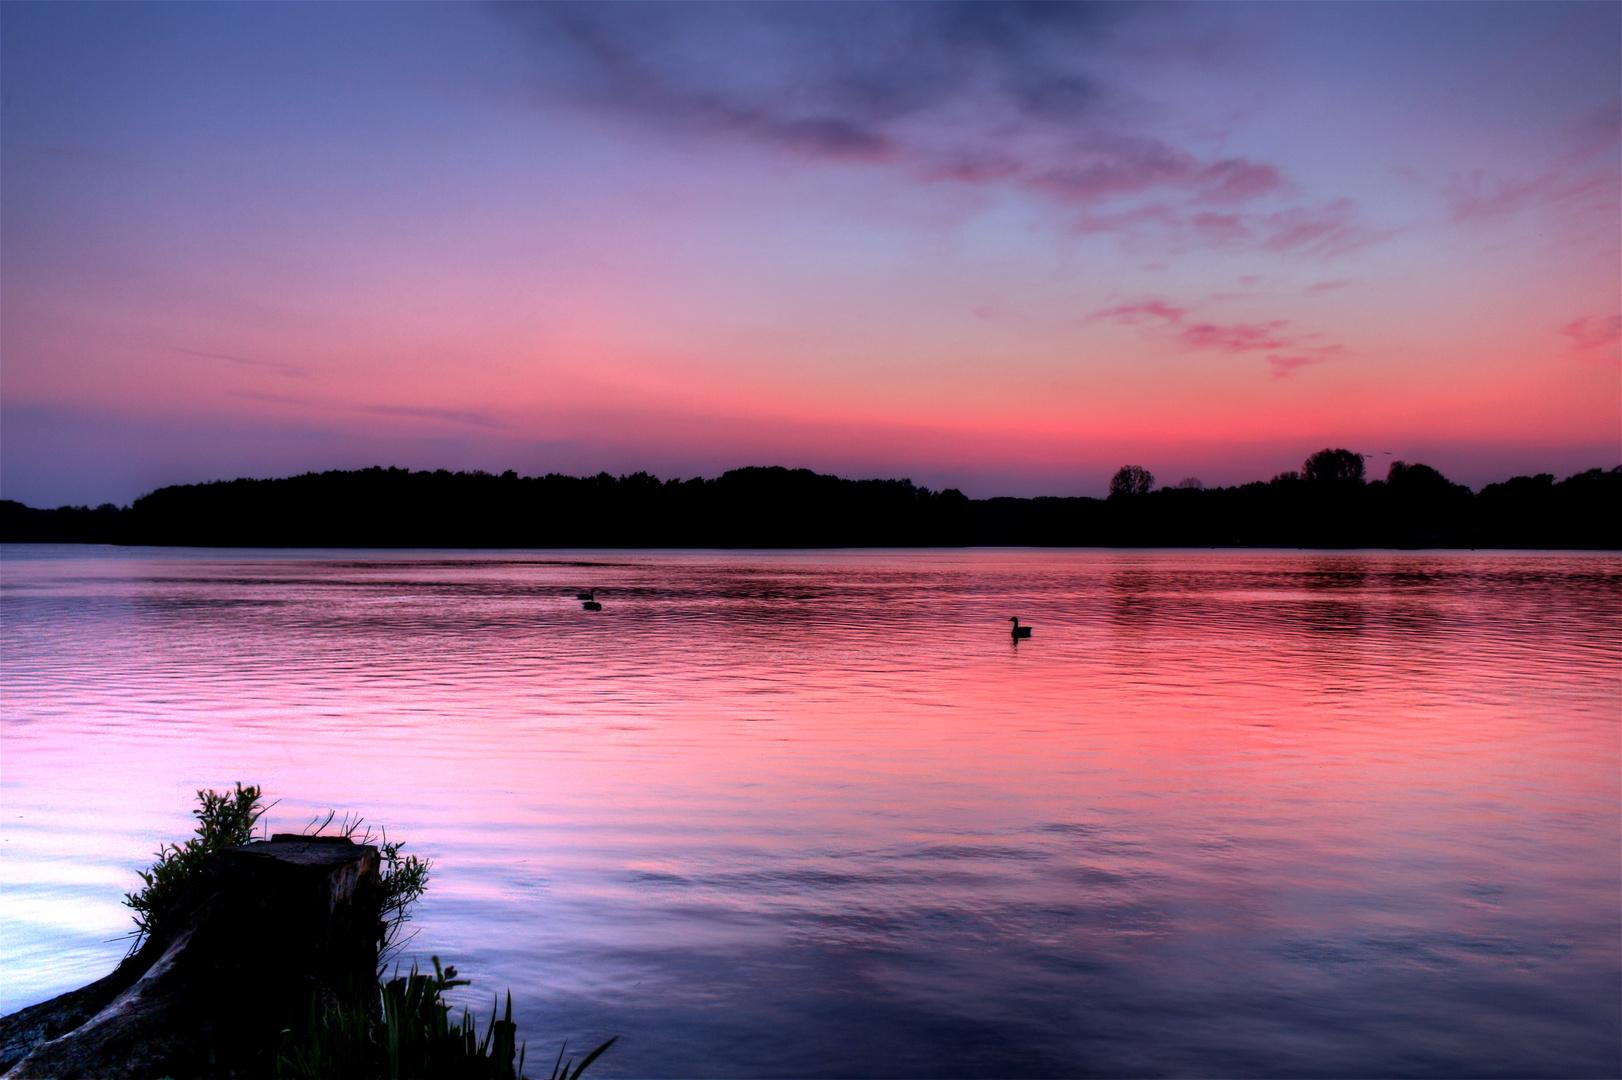 Sunset @ Ruhrgebiet